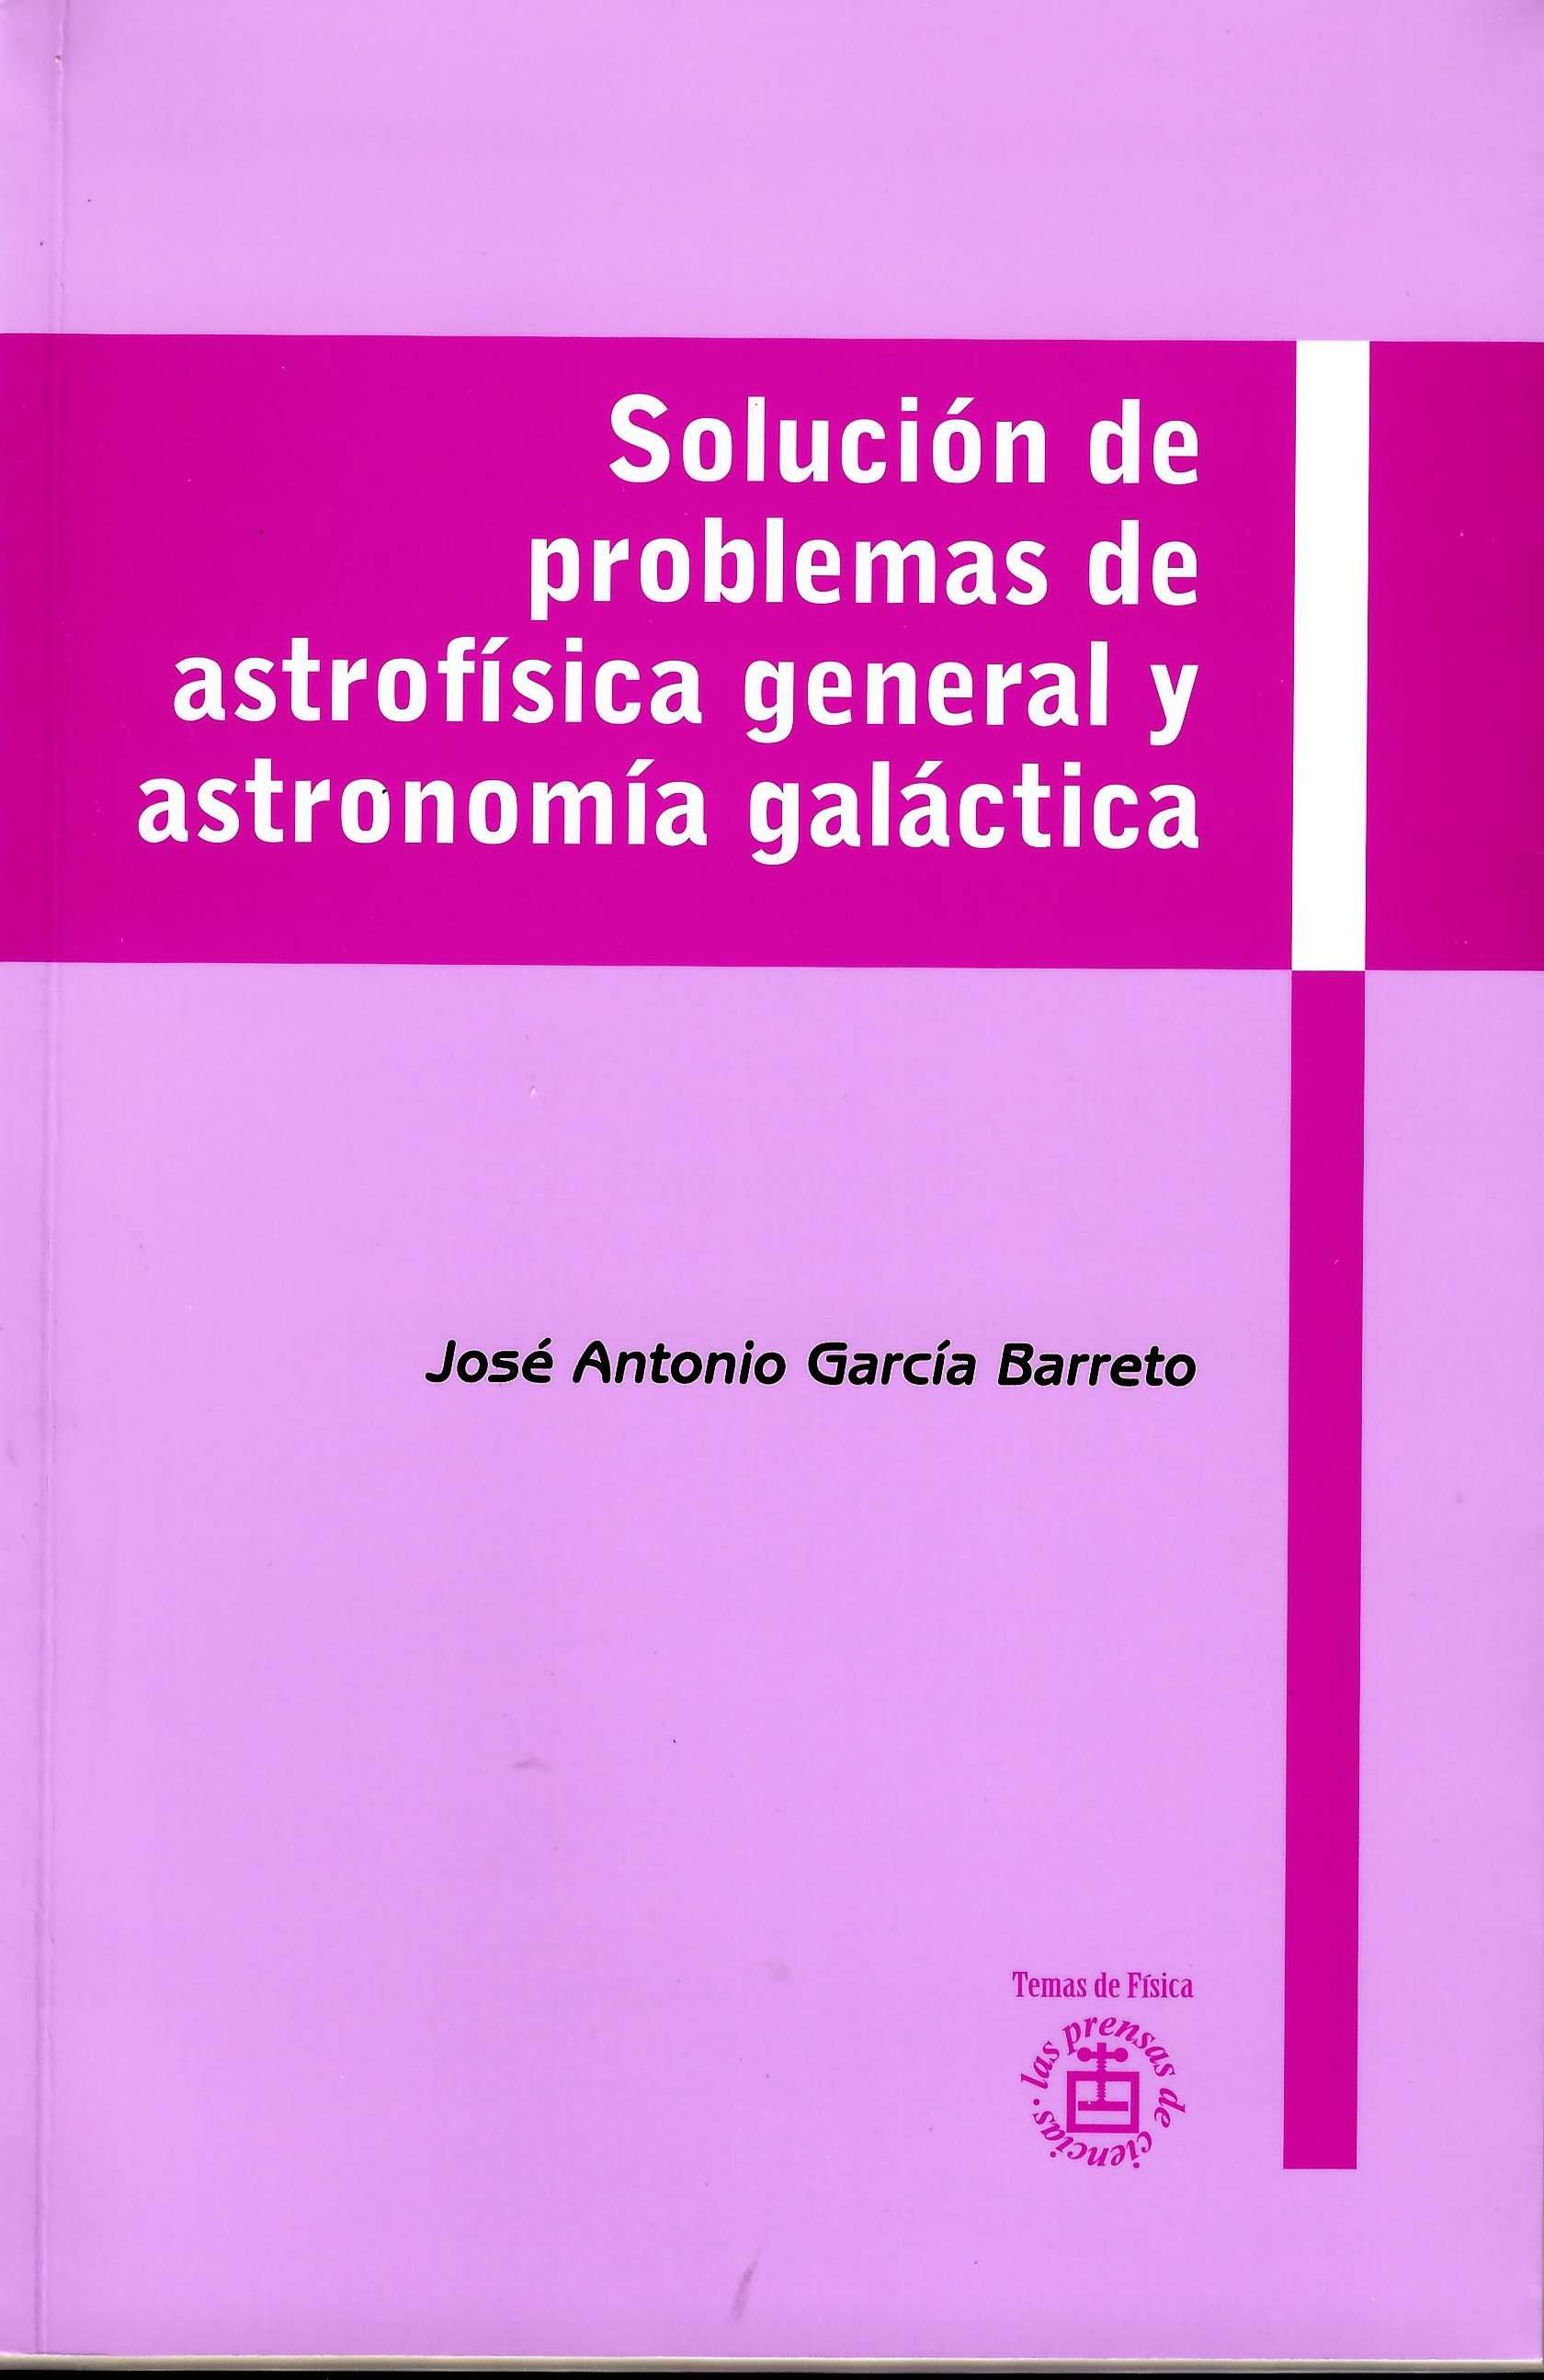 Solución de problemas de astrofísica general y astronomía galáctica